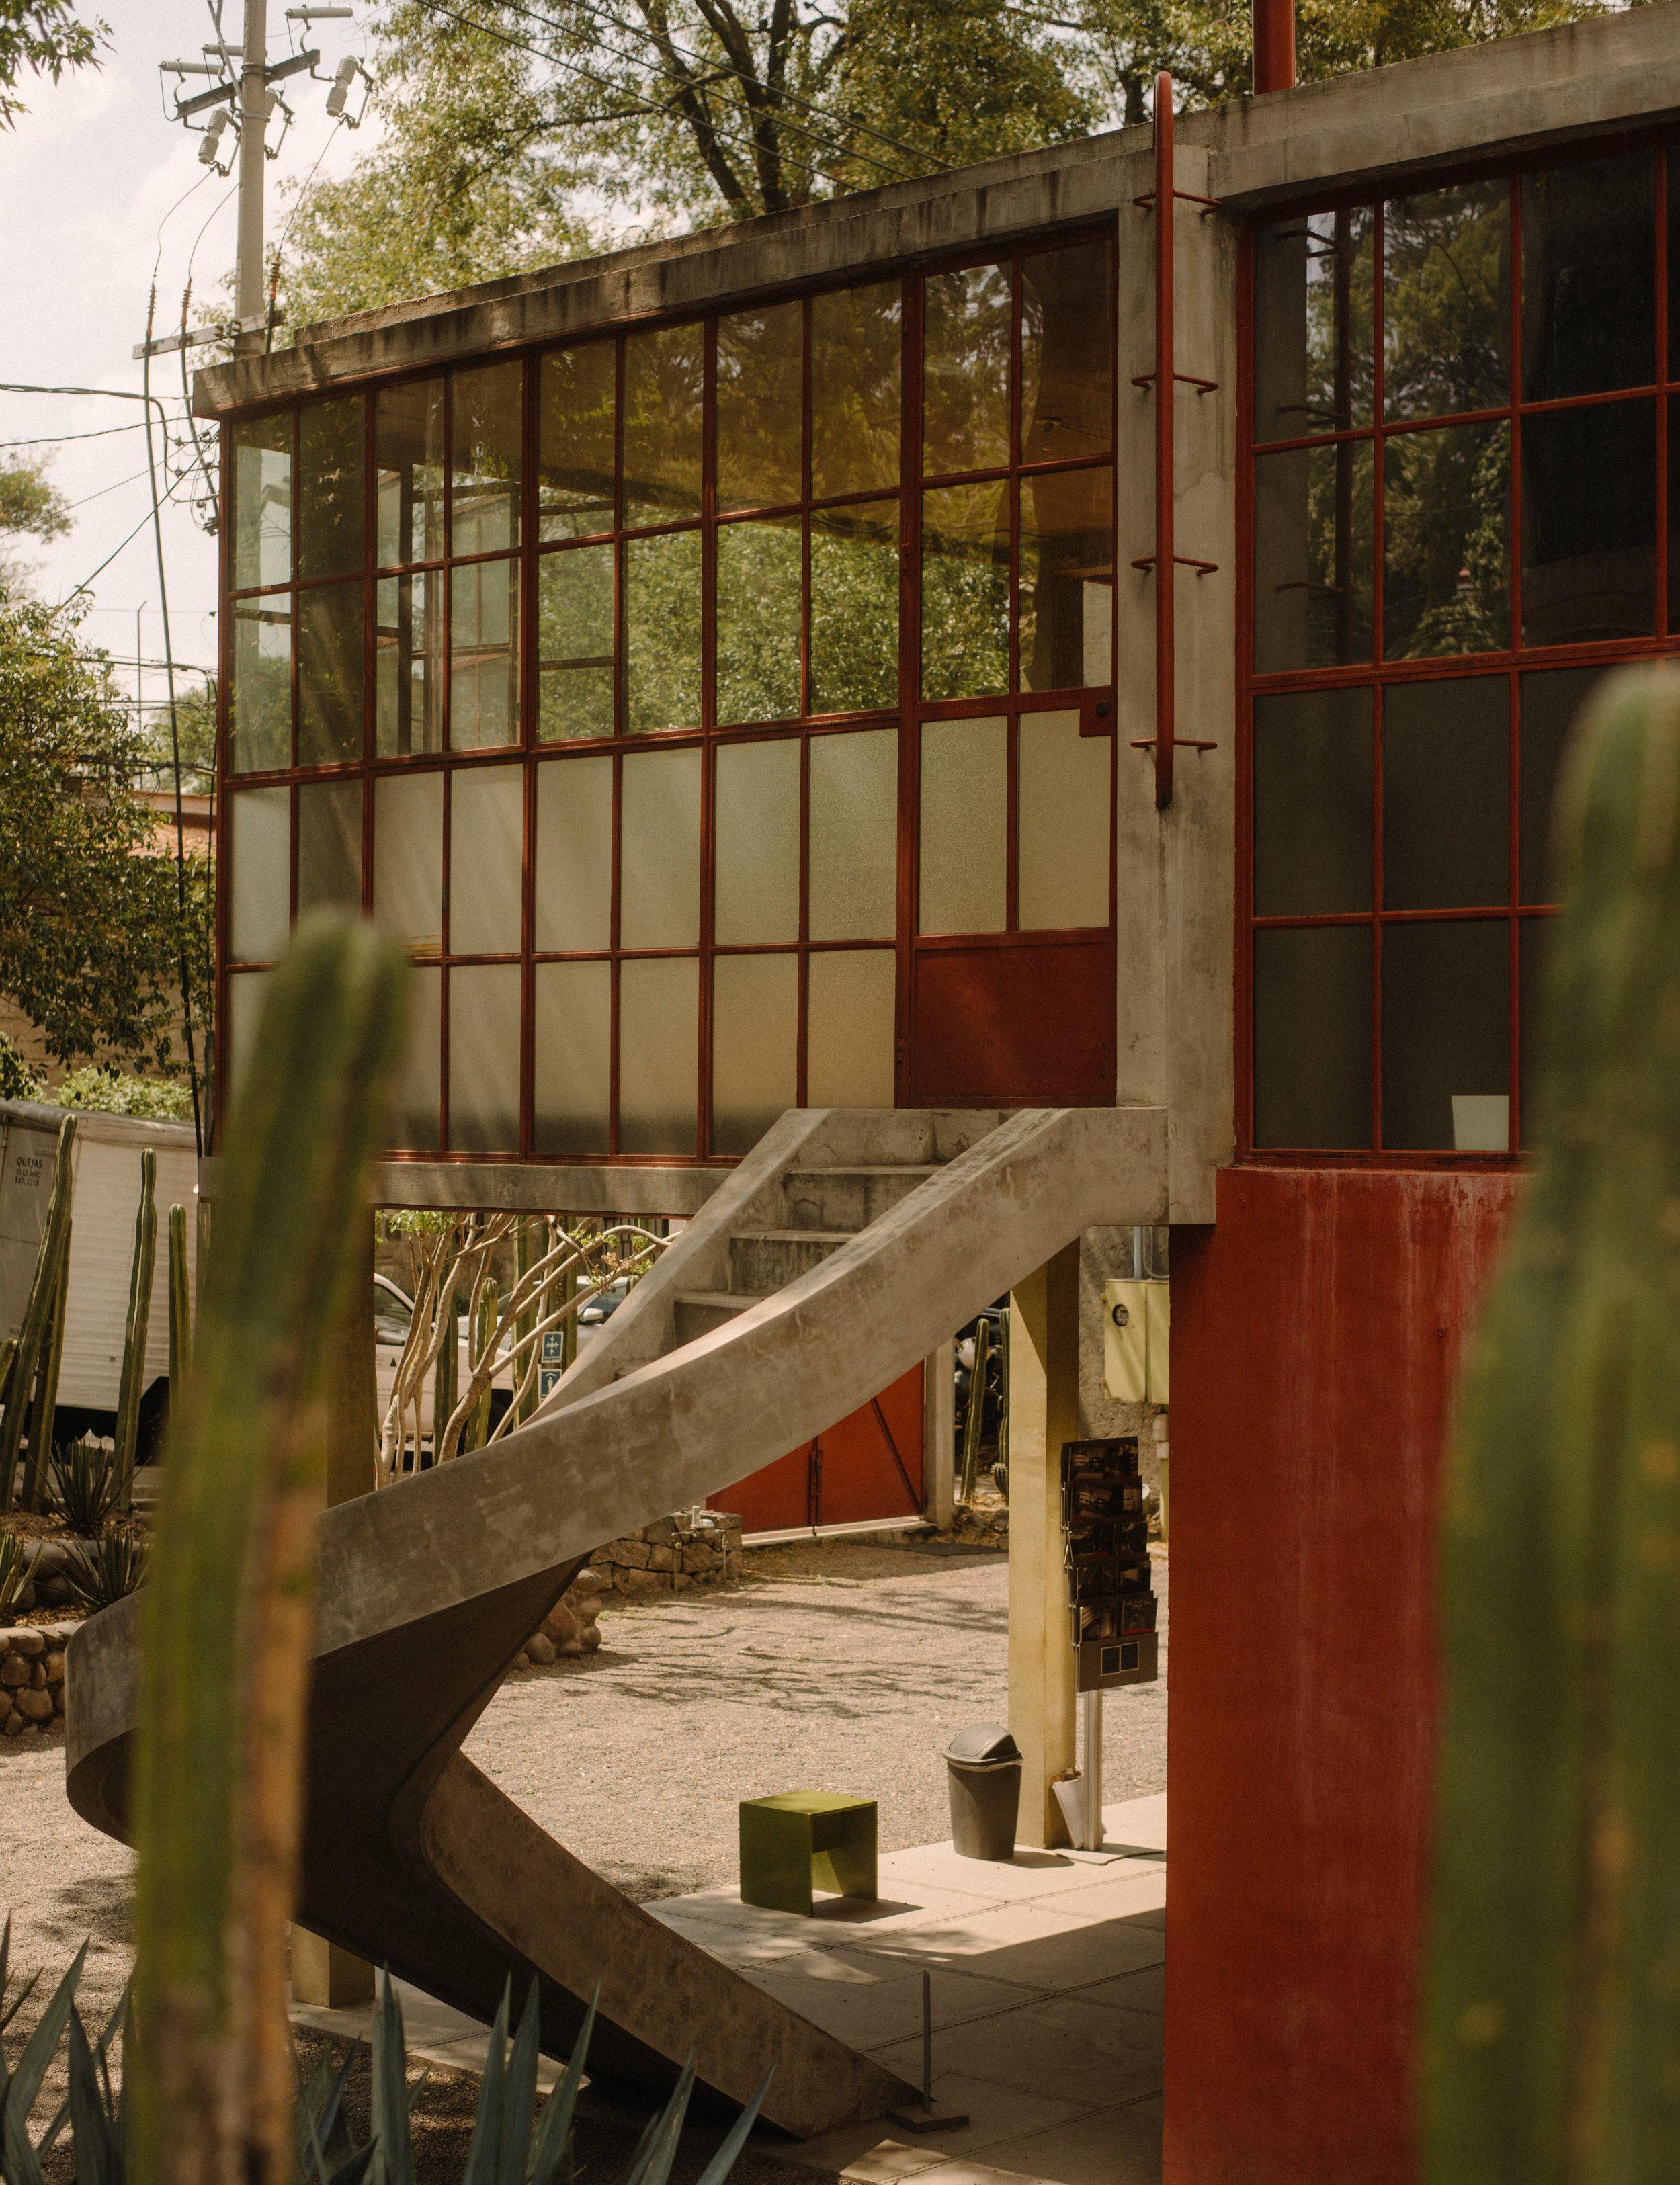 Casa Gilardi | Architecture by Luis Barragán (4).jpg